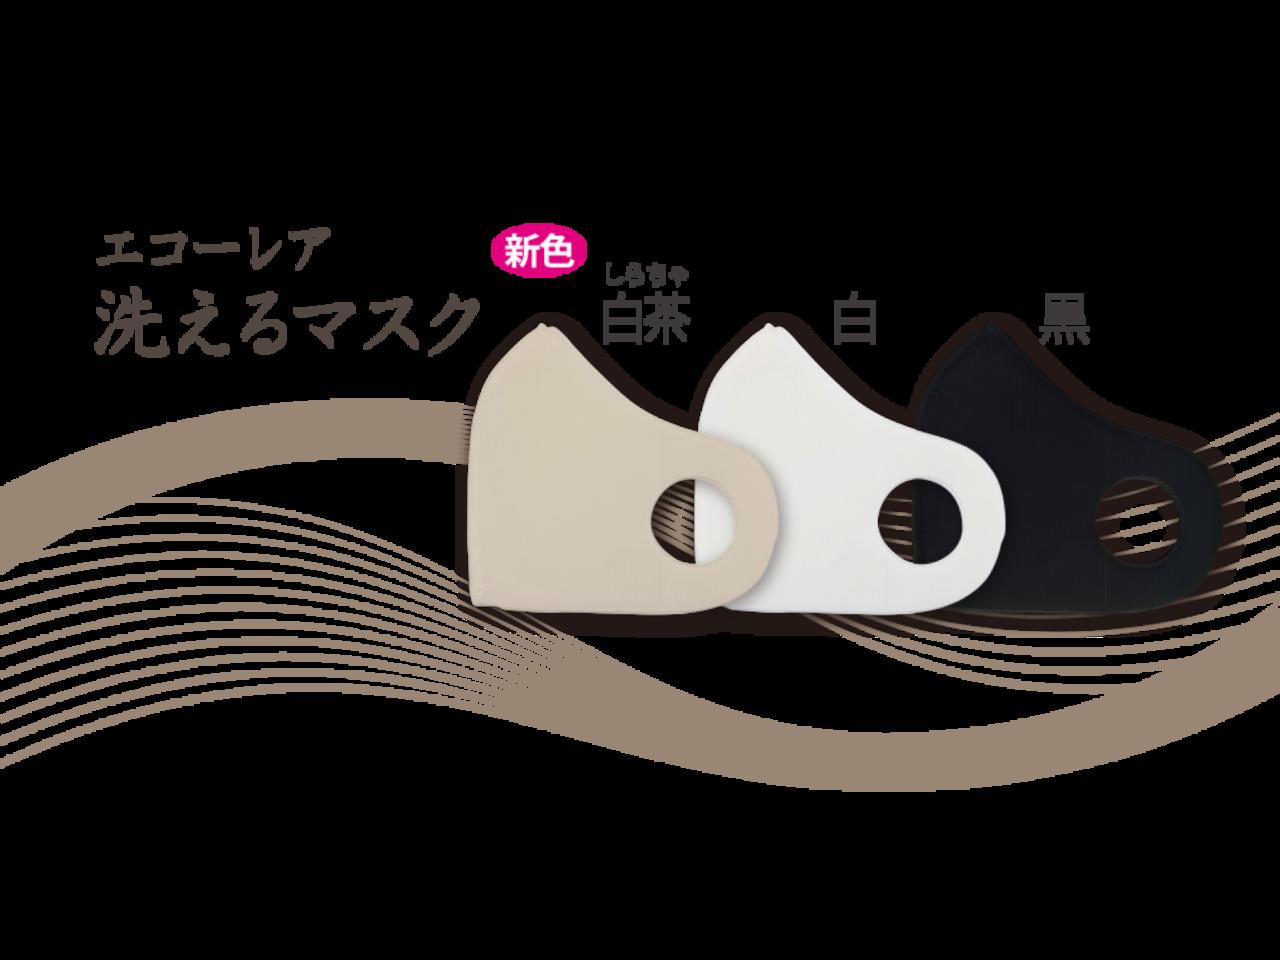 3枚で1200円。ストレスフリーな『エコーレア洗えるマスク